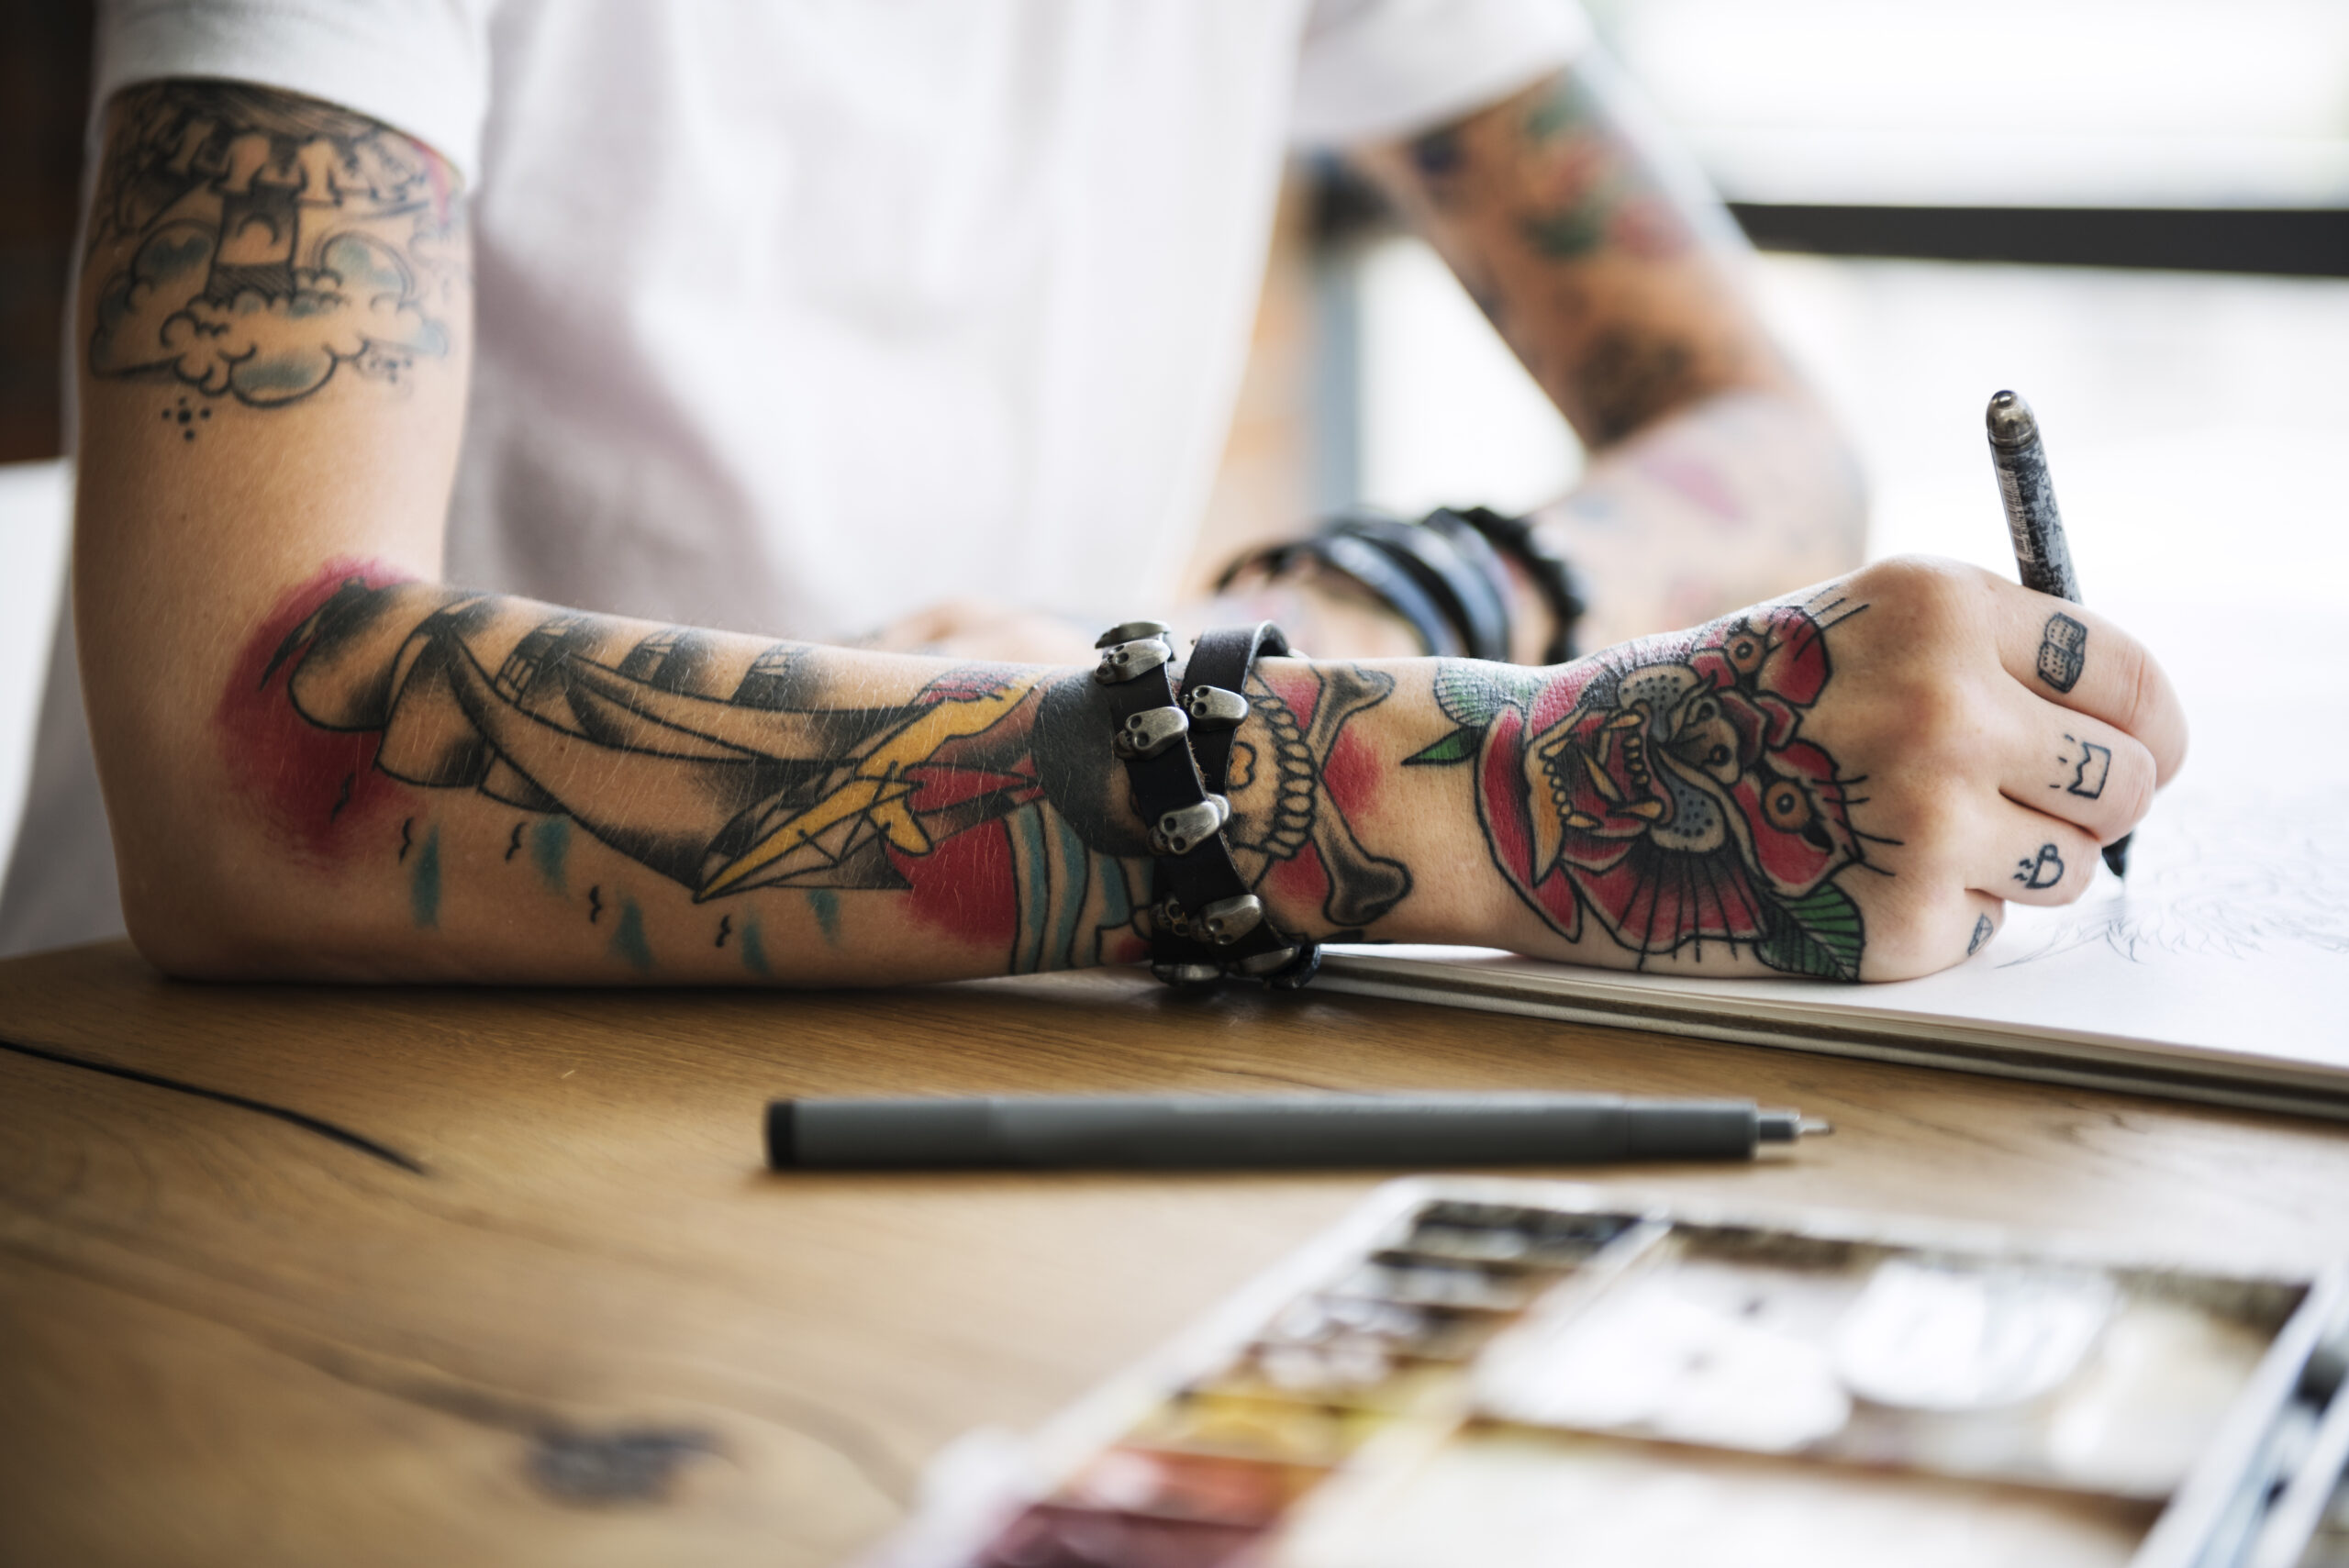 Czy tatuaż to problem?